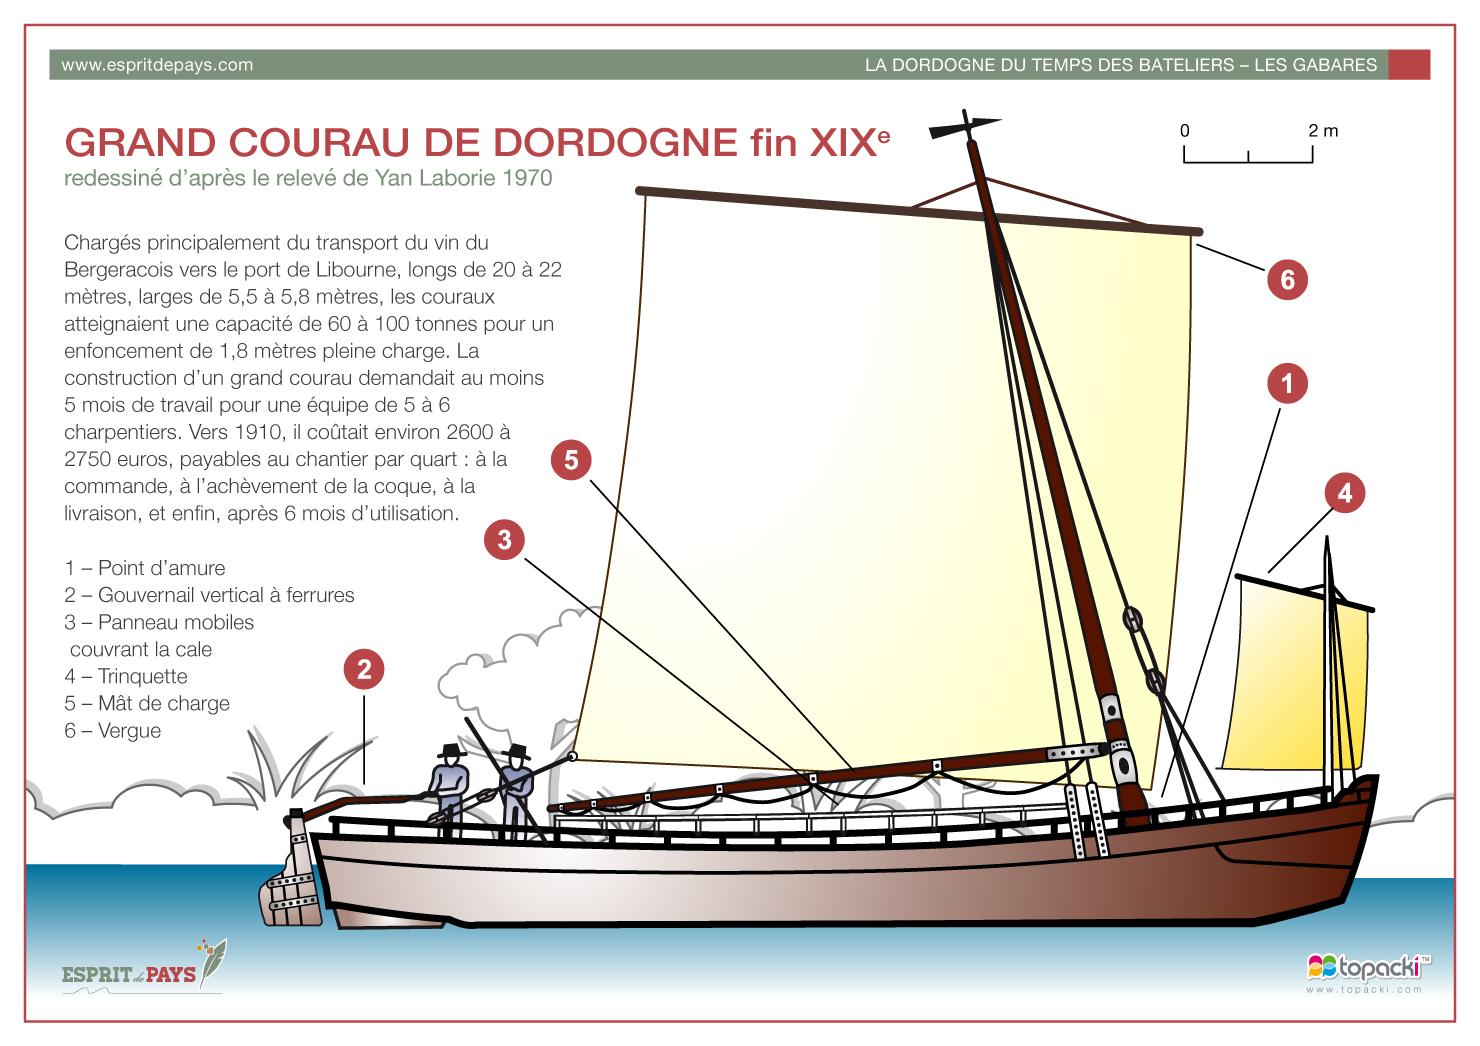 Croquis : Grand Courau de Dordogne